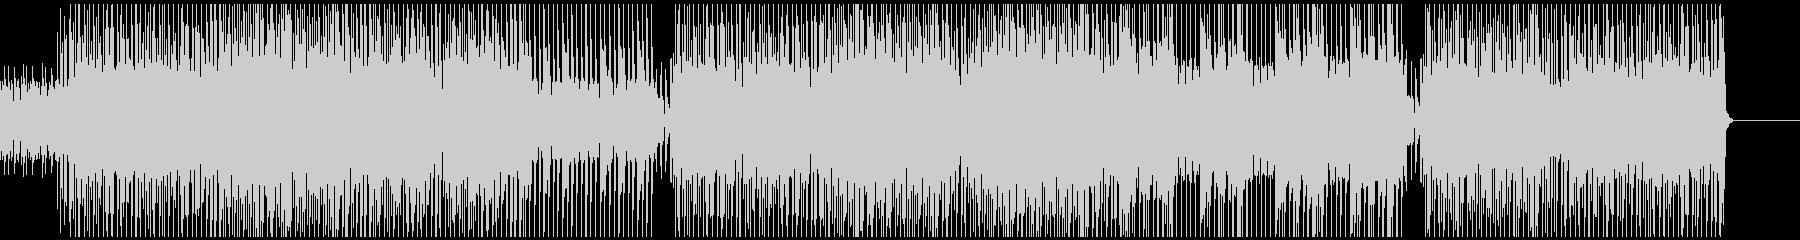 アラビア風、ピアノメインのテクノポップの未再生の波形